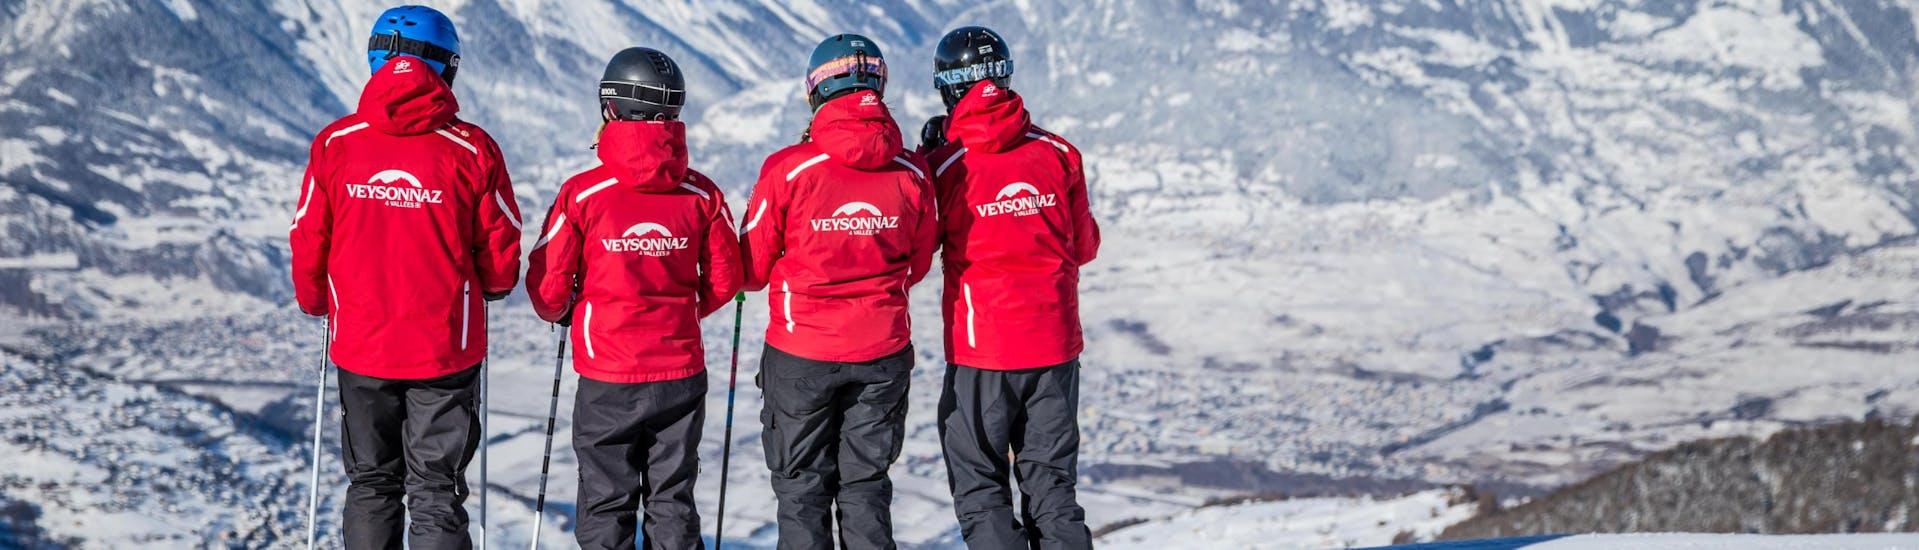 Premier Cours de ski Adultes avec École Suisse de Ski de Veysonnaz - Hero image